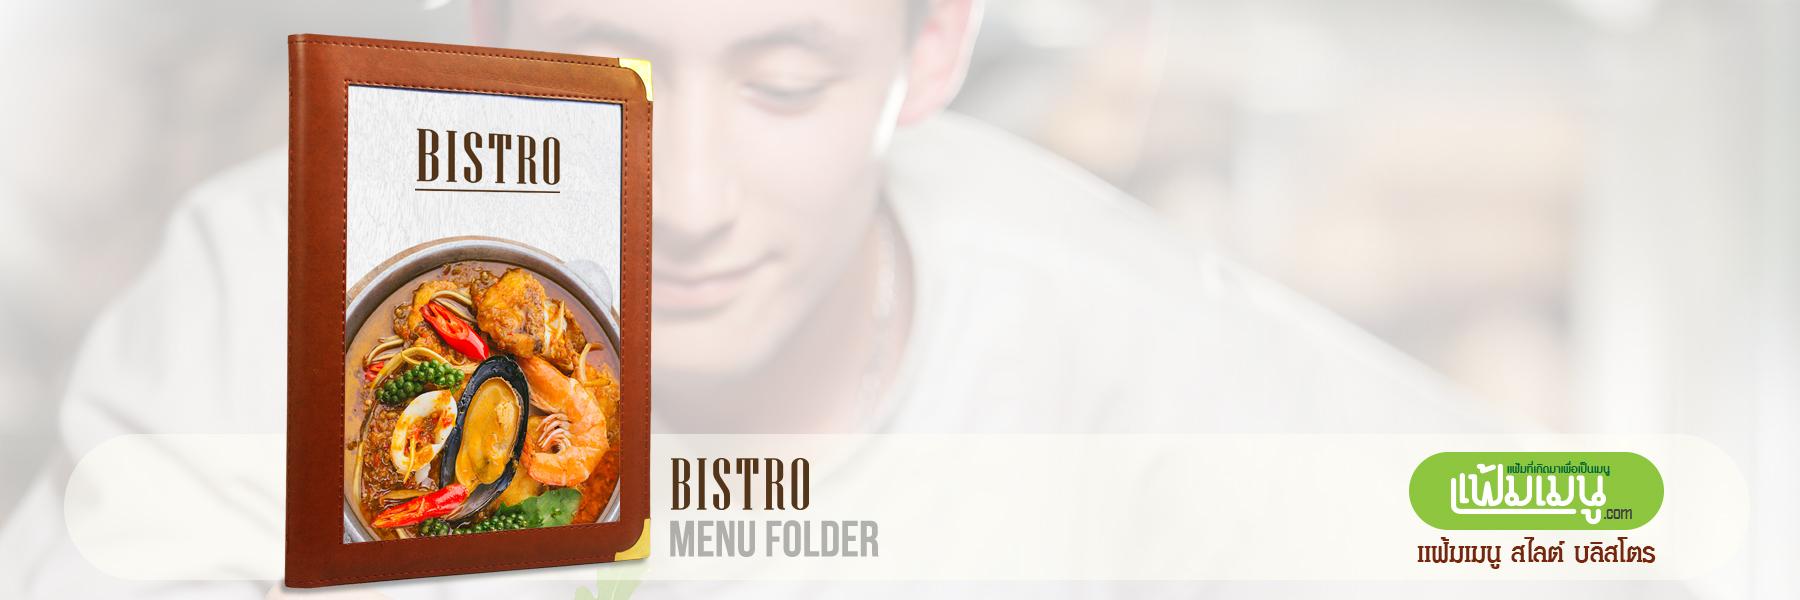 แฟ้มเมนูปกหนัง รุ่น Bistro menu book (บริสโตร) ปกสอดได้ ไม่ต้องปั๊มโลโก้